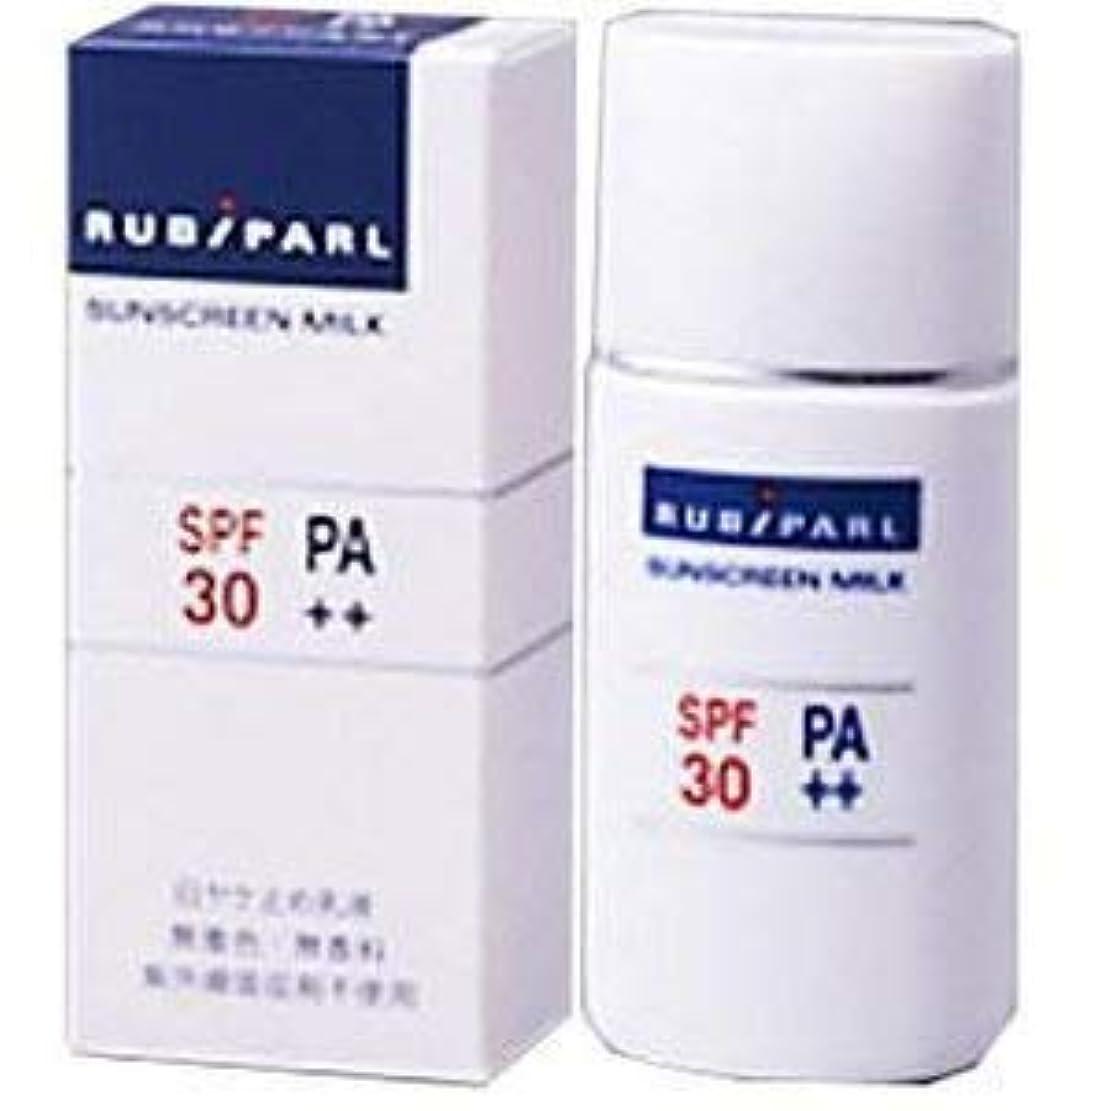 値するペストリー腫瘍ルビパール サンスクリーンミルク 日ヤケ止め乳液 SPF30 PA++ 30mLx3個セット